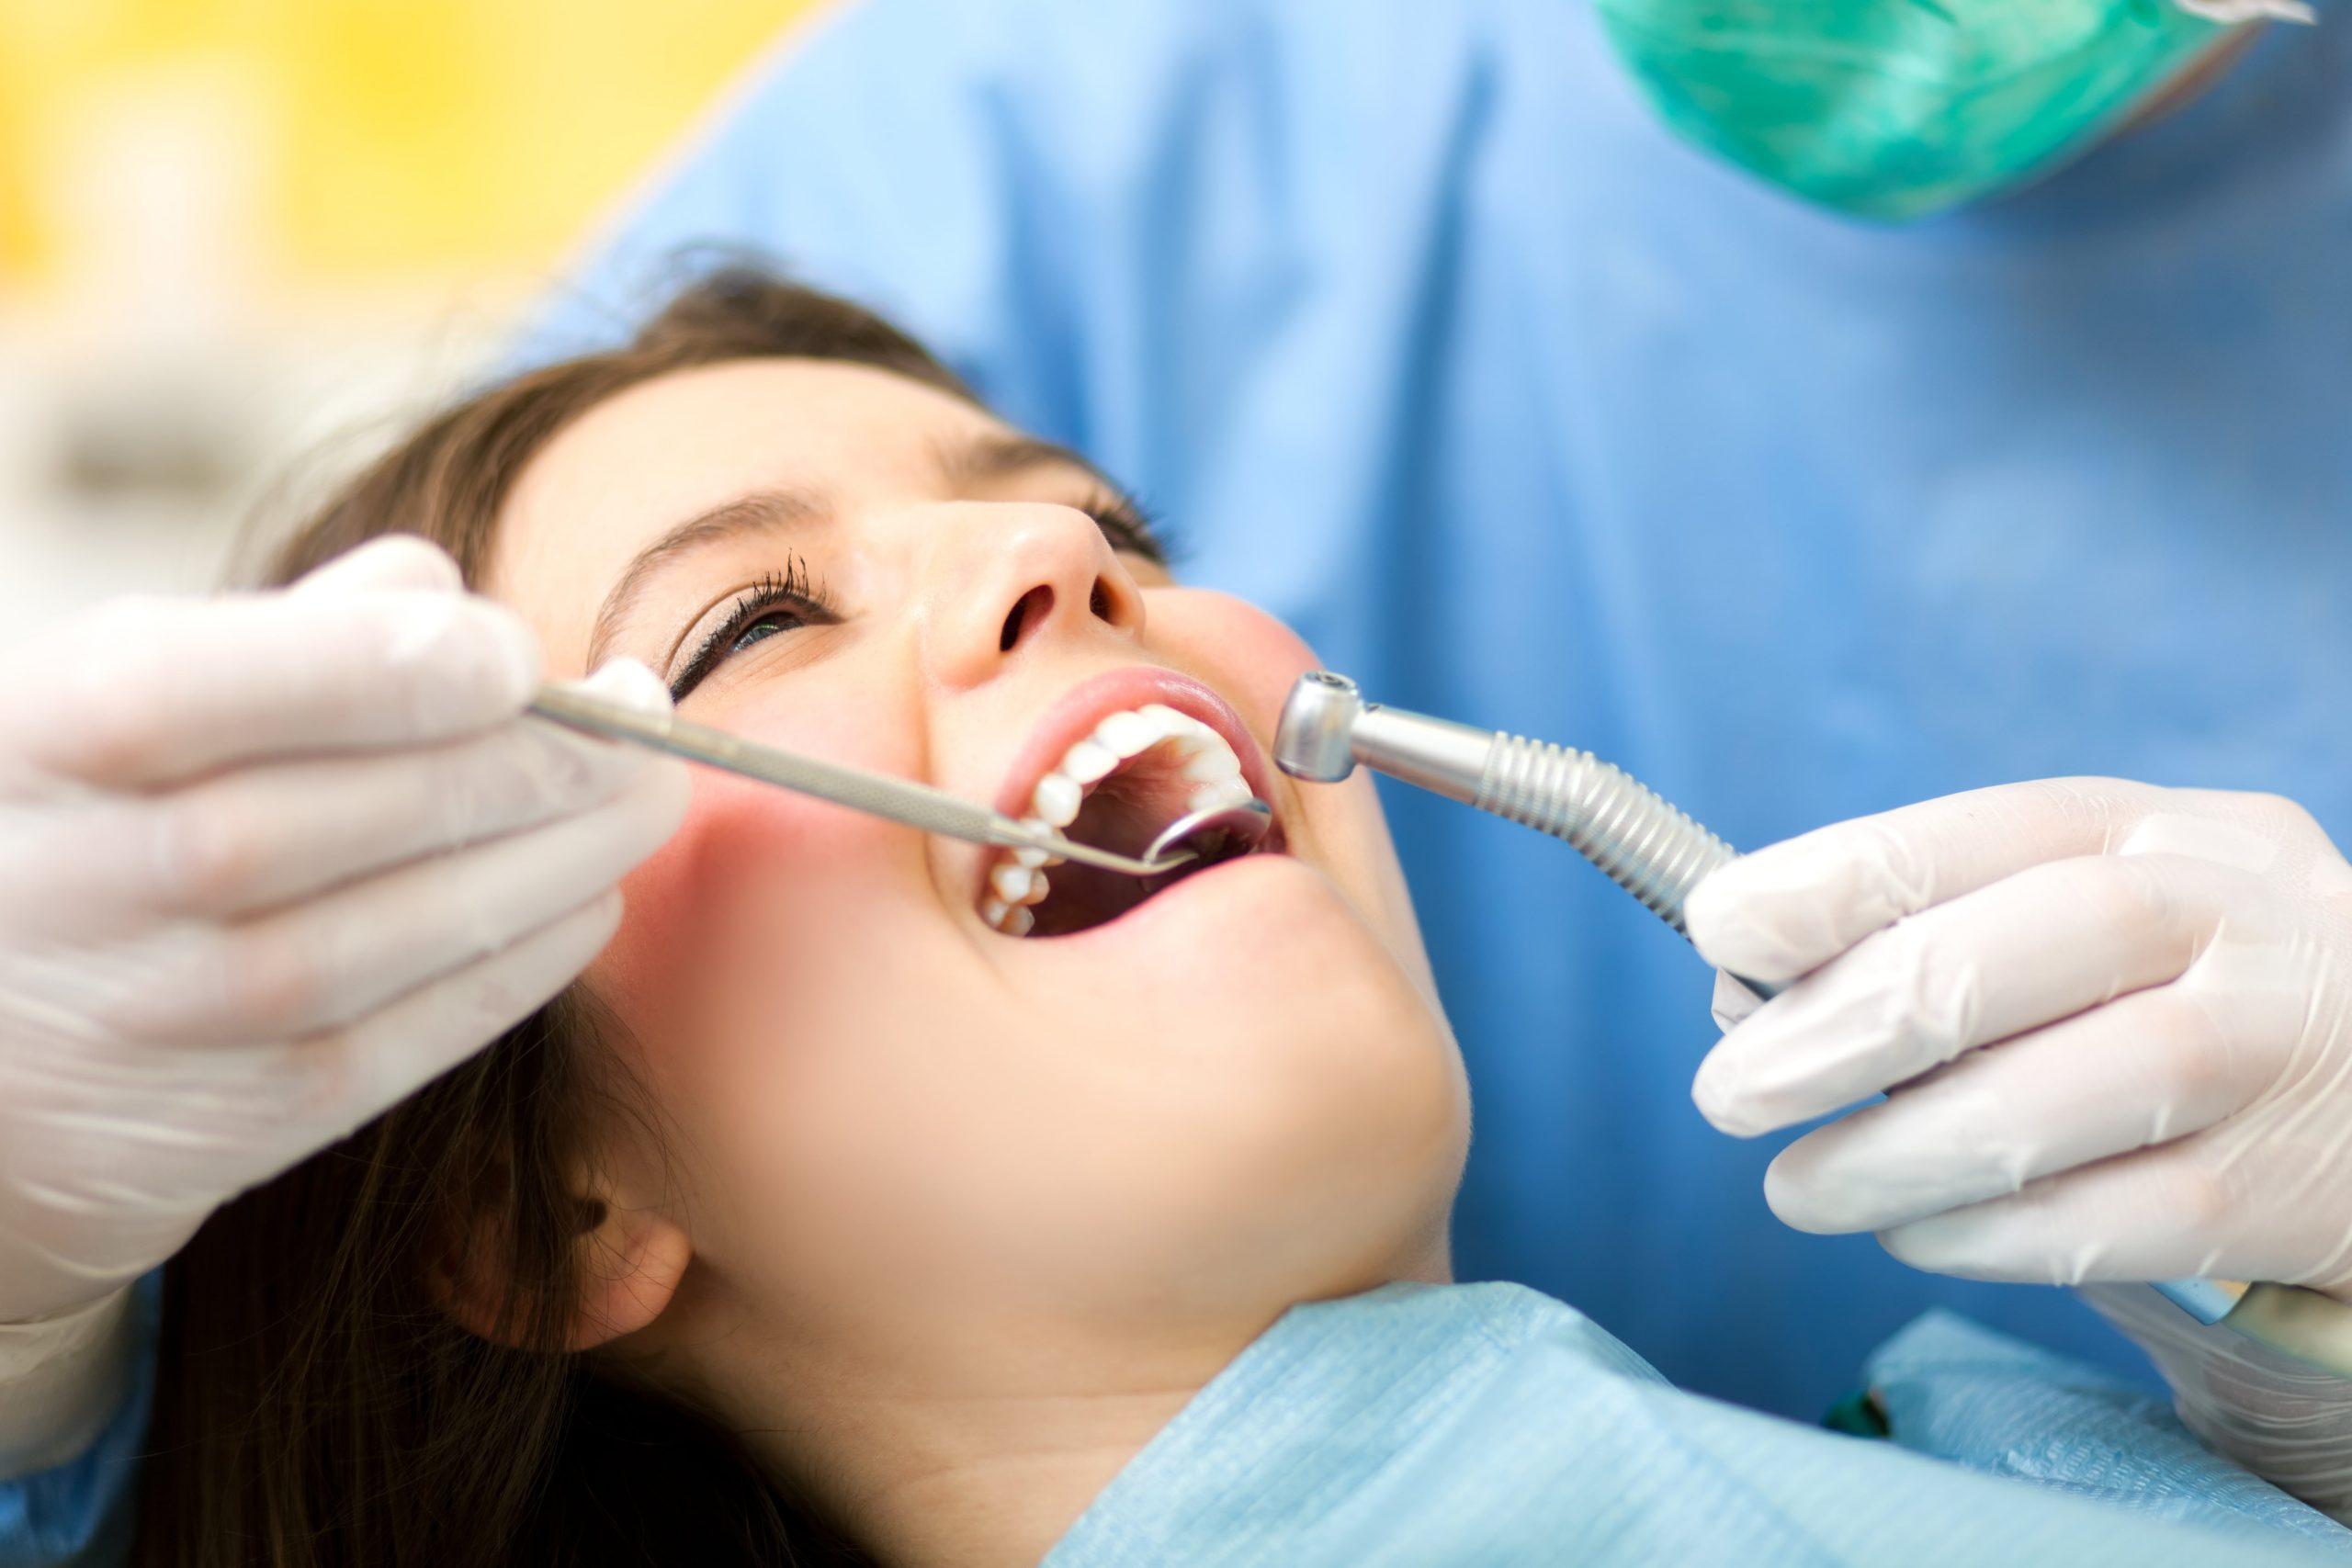 https://www.mybrownstonedental.com/wp-content/uploads/2020/10/Preventative-Dental-scaled.jpg